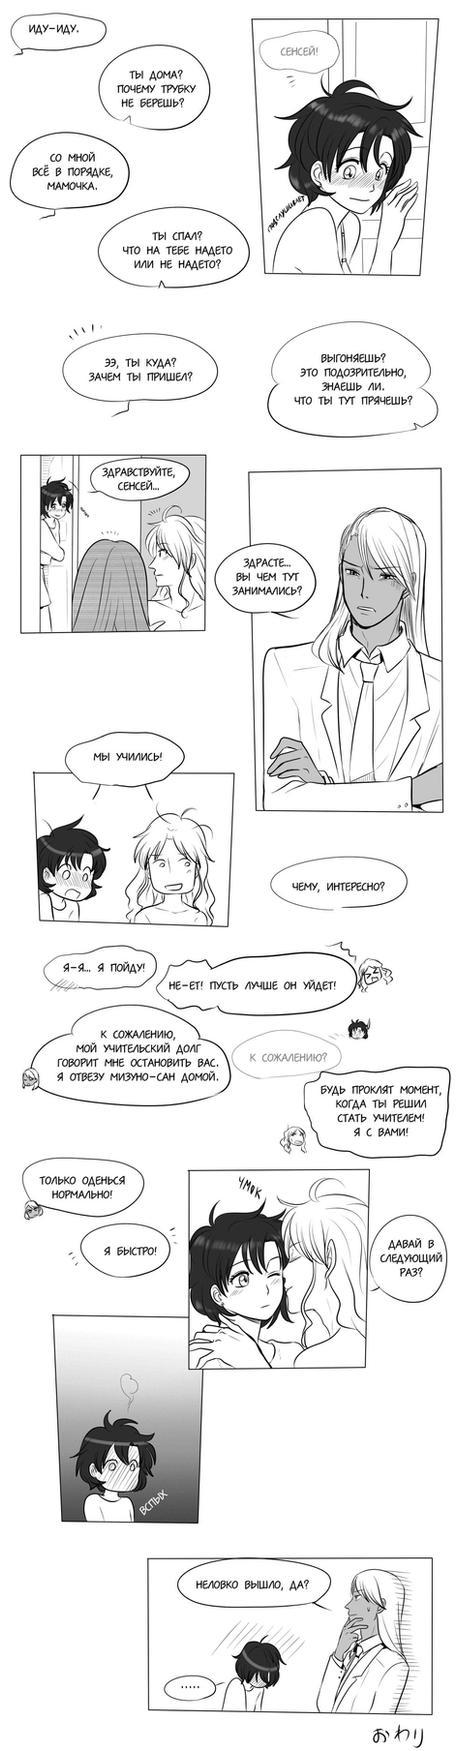 Dojinshi Sailor Moon - AmiZoi page 7 by lisGinka